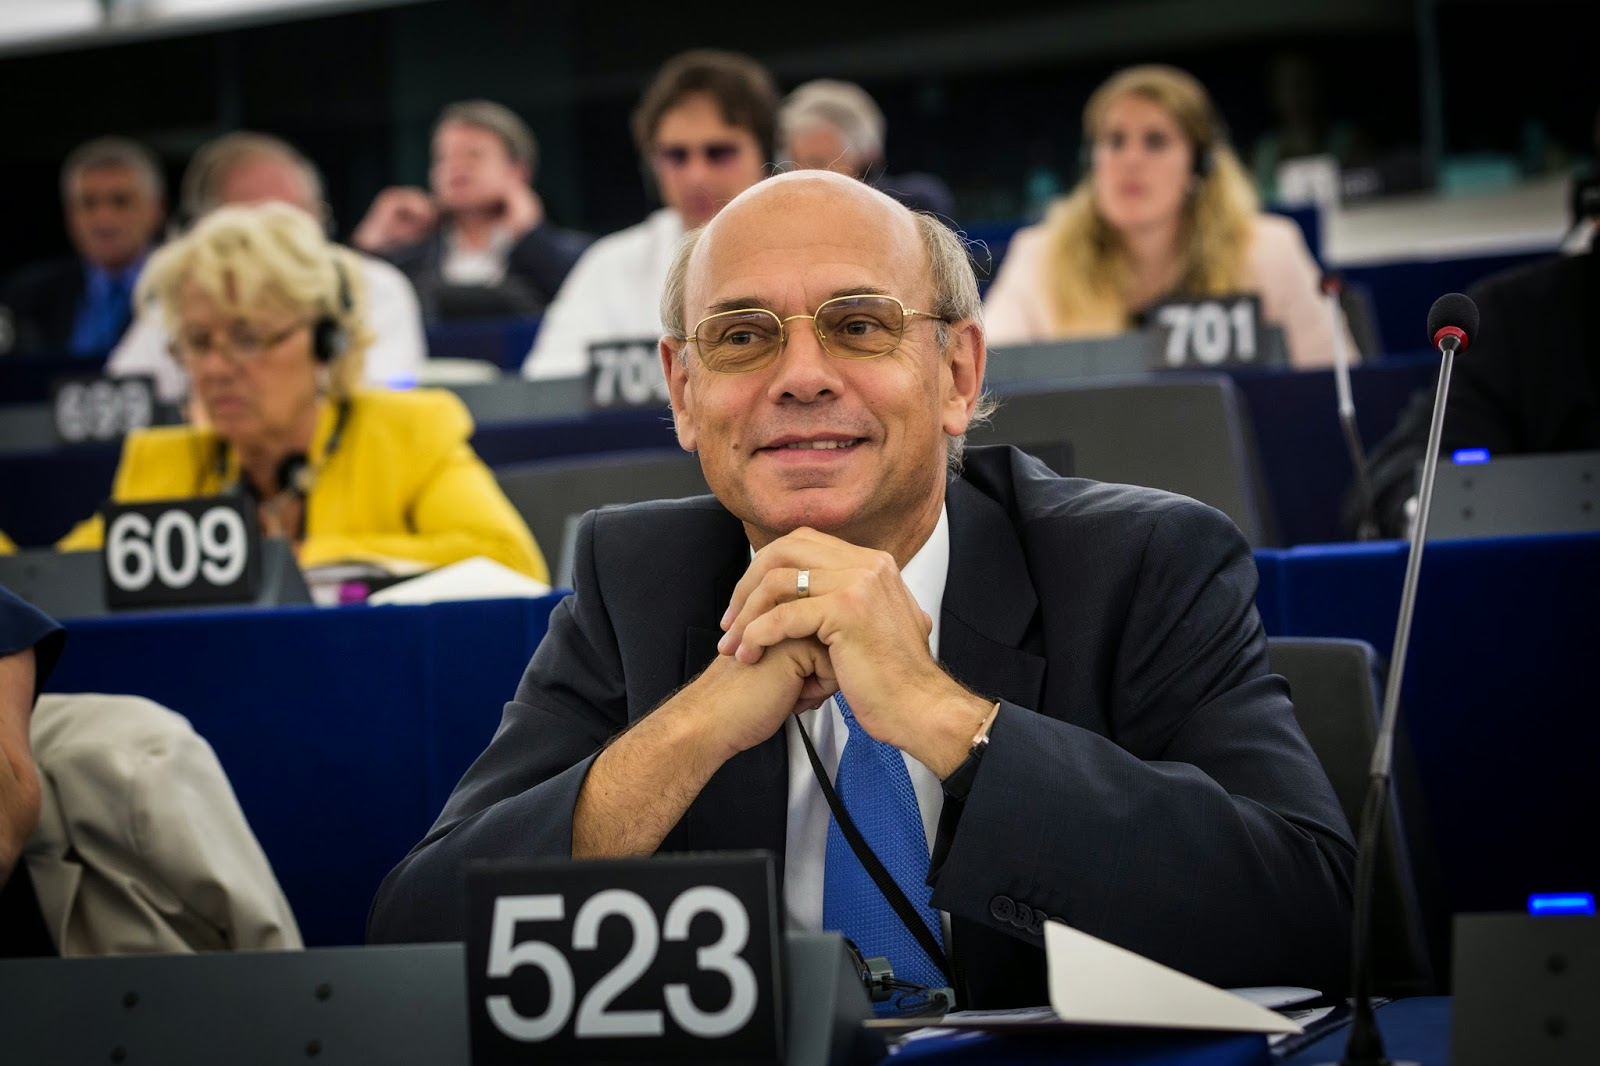 Jean-Luc Schaffhauser in the European Parliament